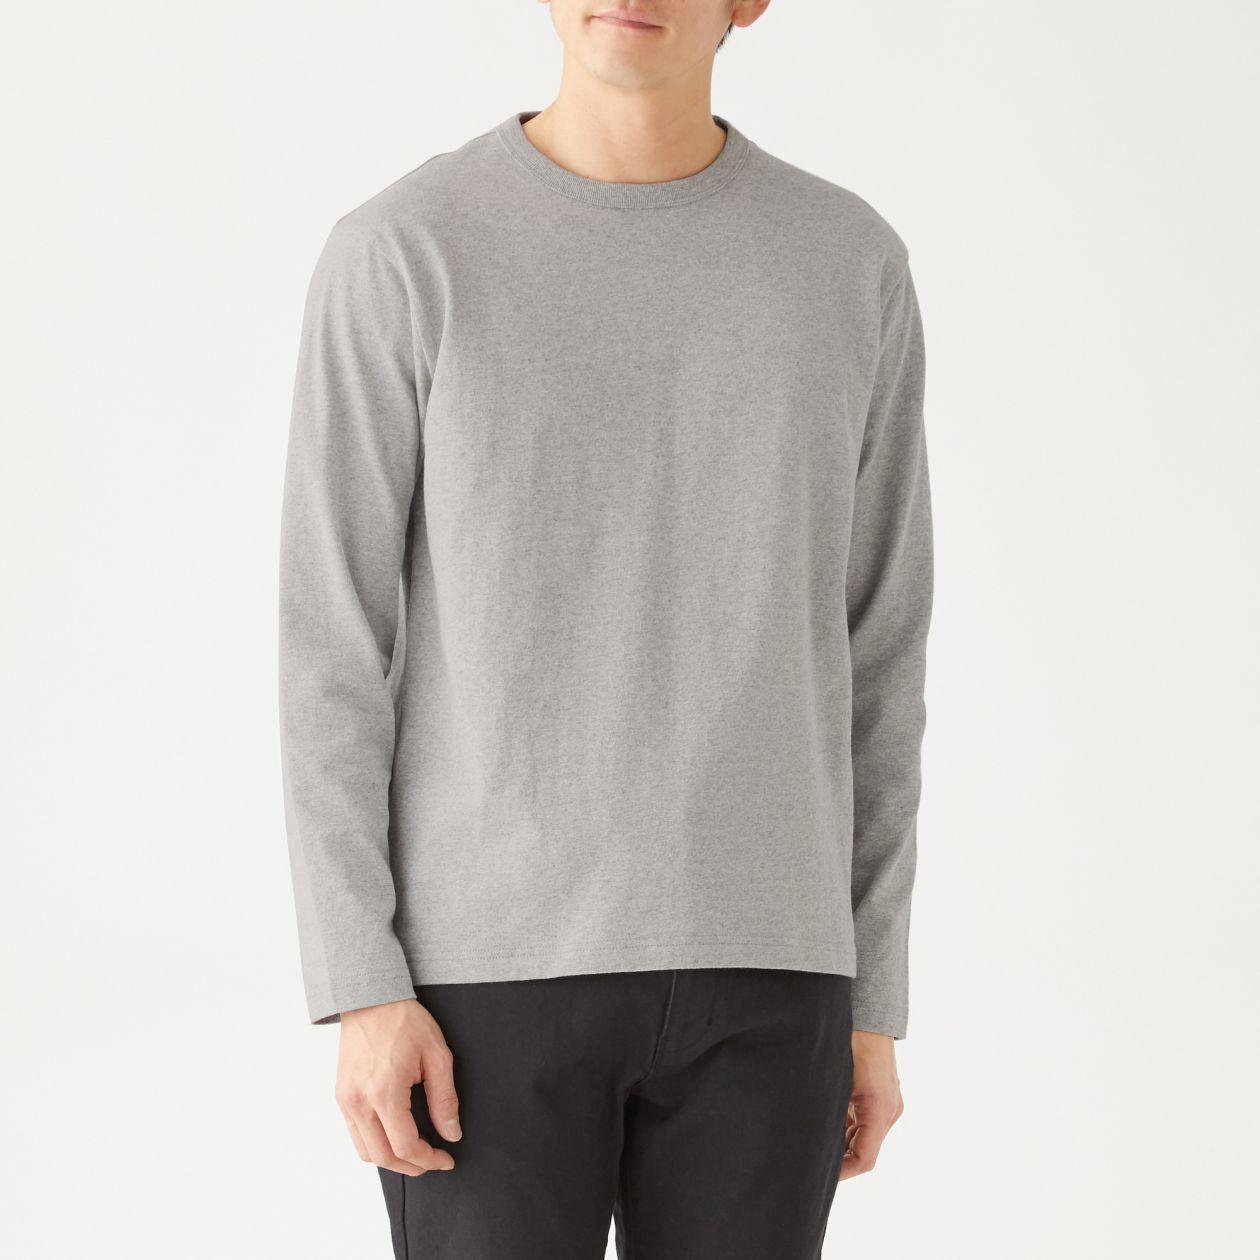 インド綿太番手クルーネック長袖Tシャツ